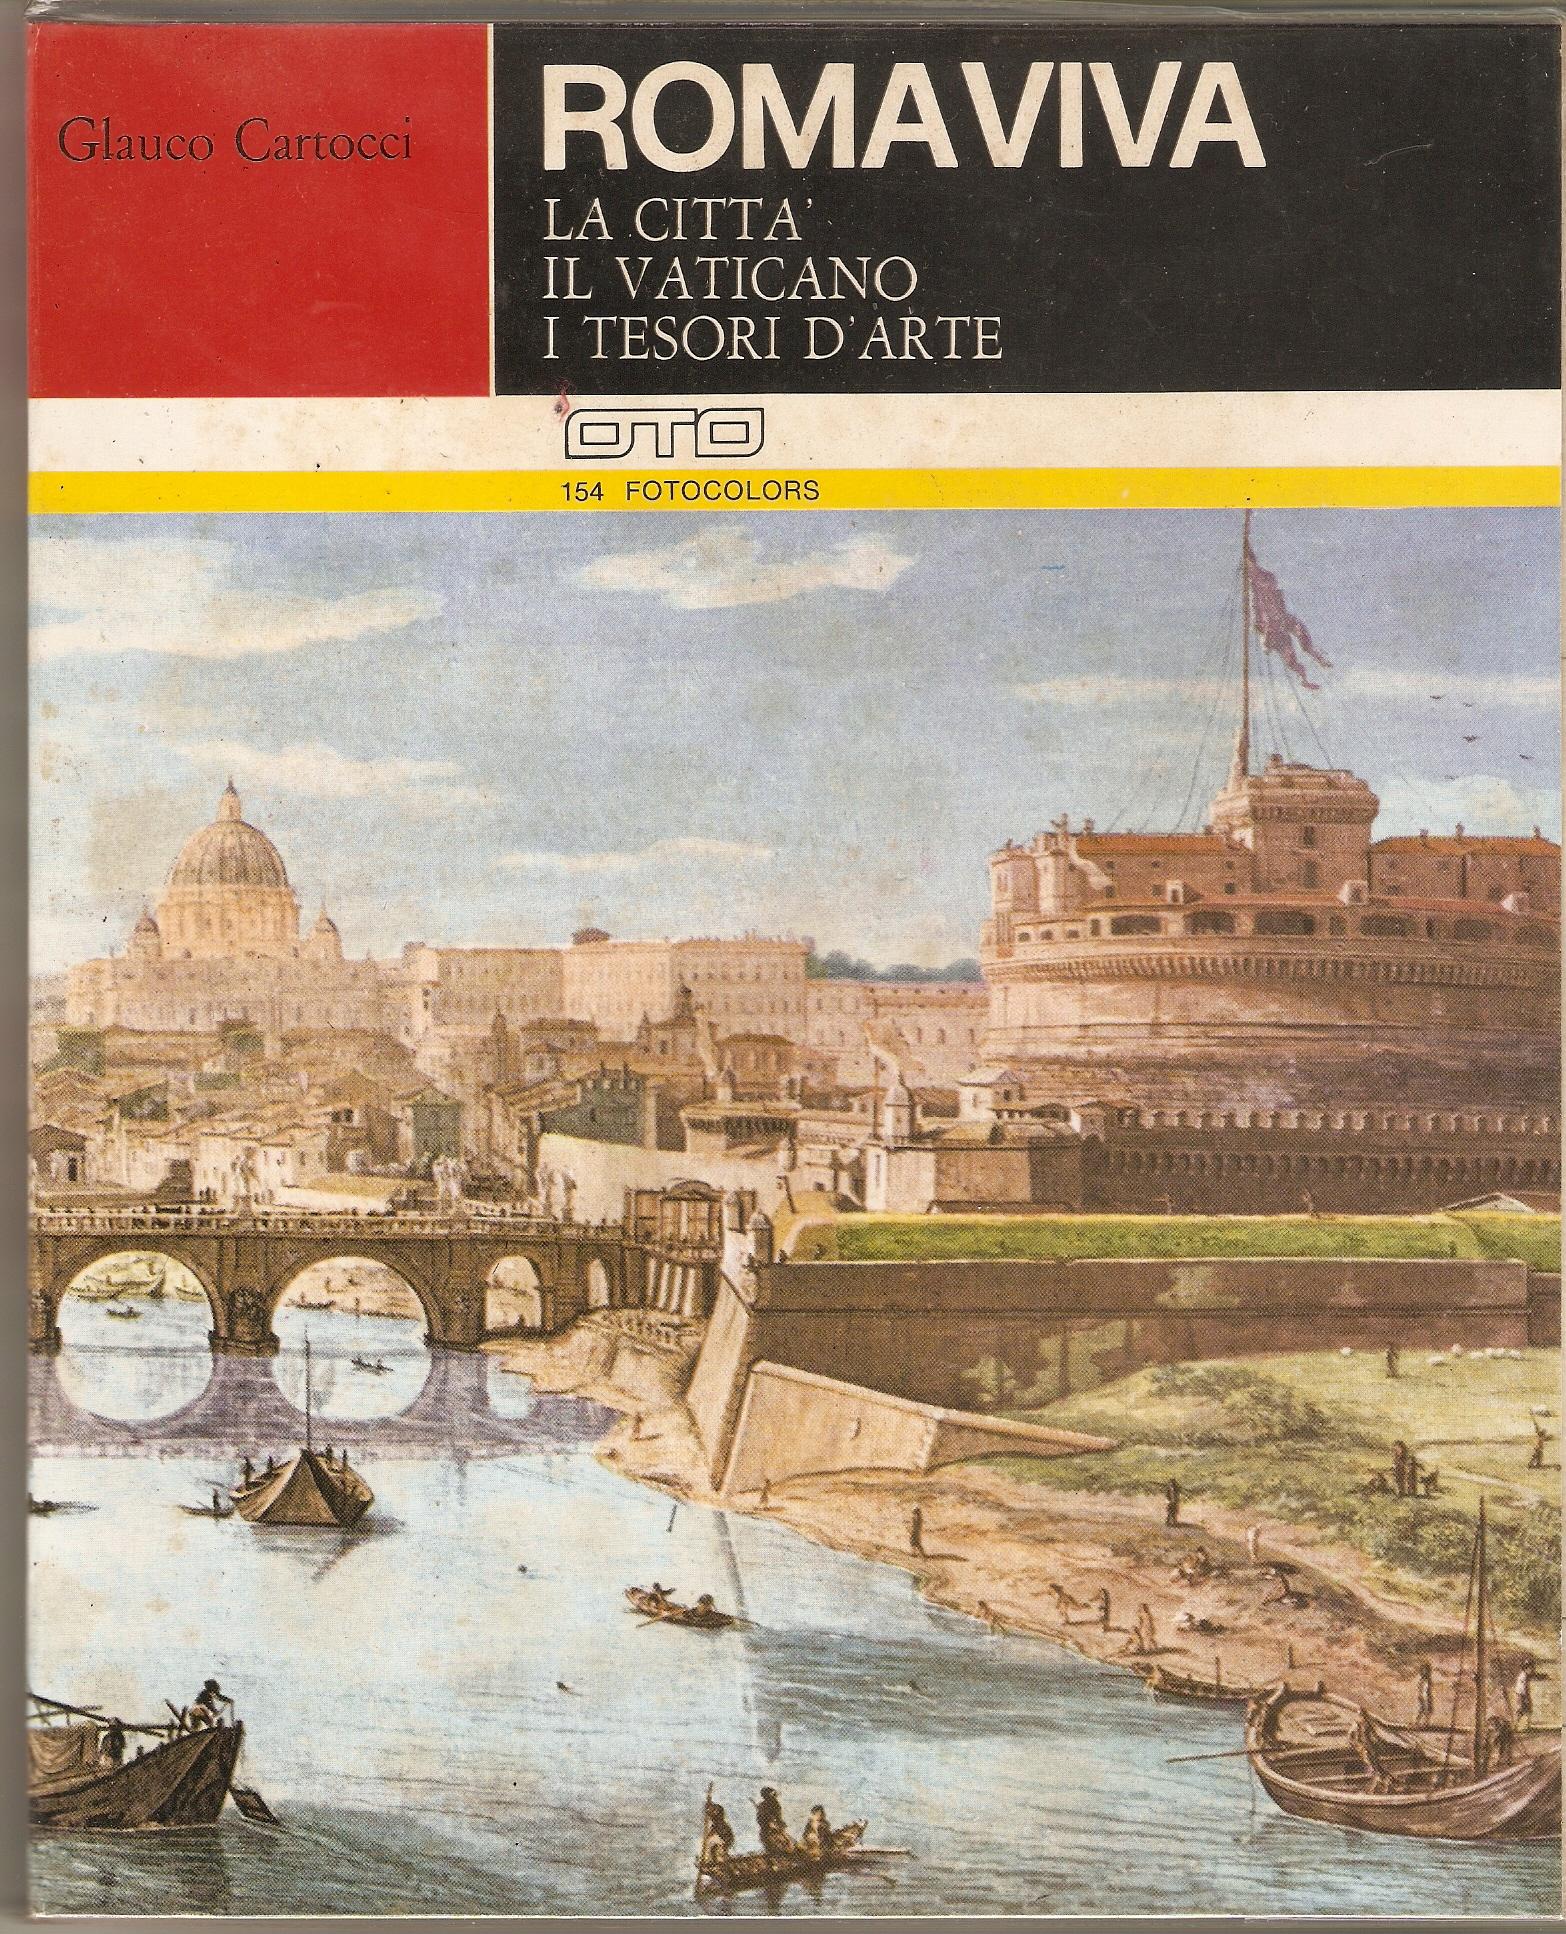 Romaviva e il Vaticano